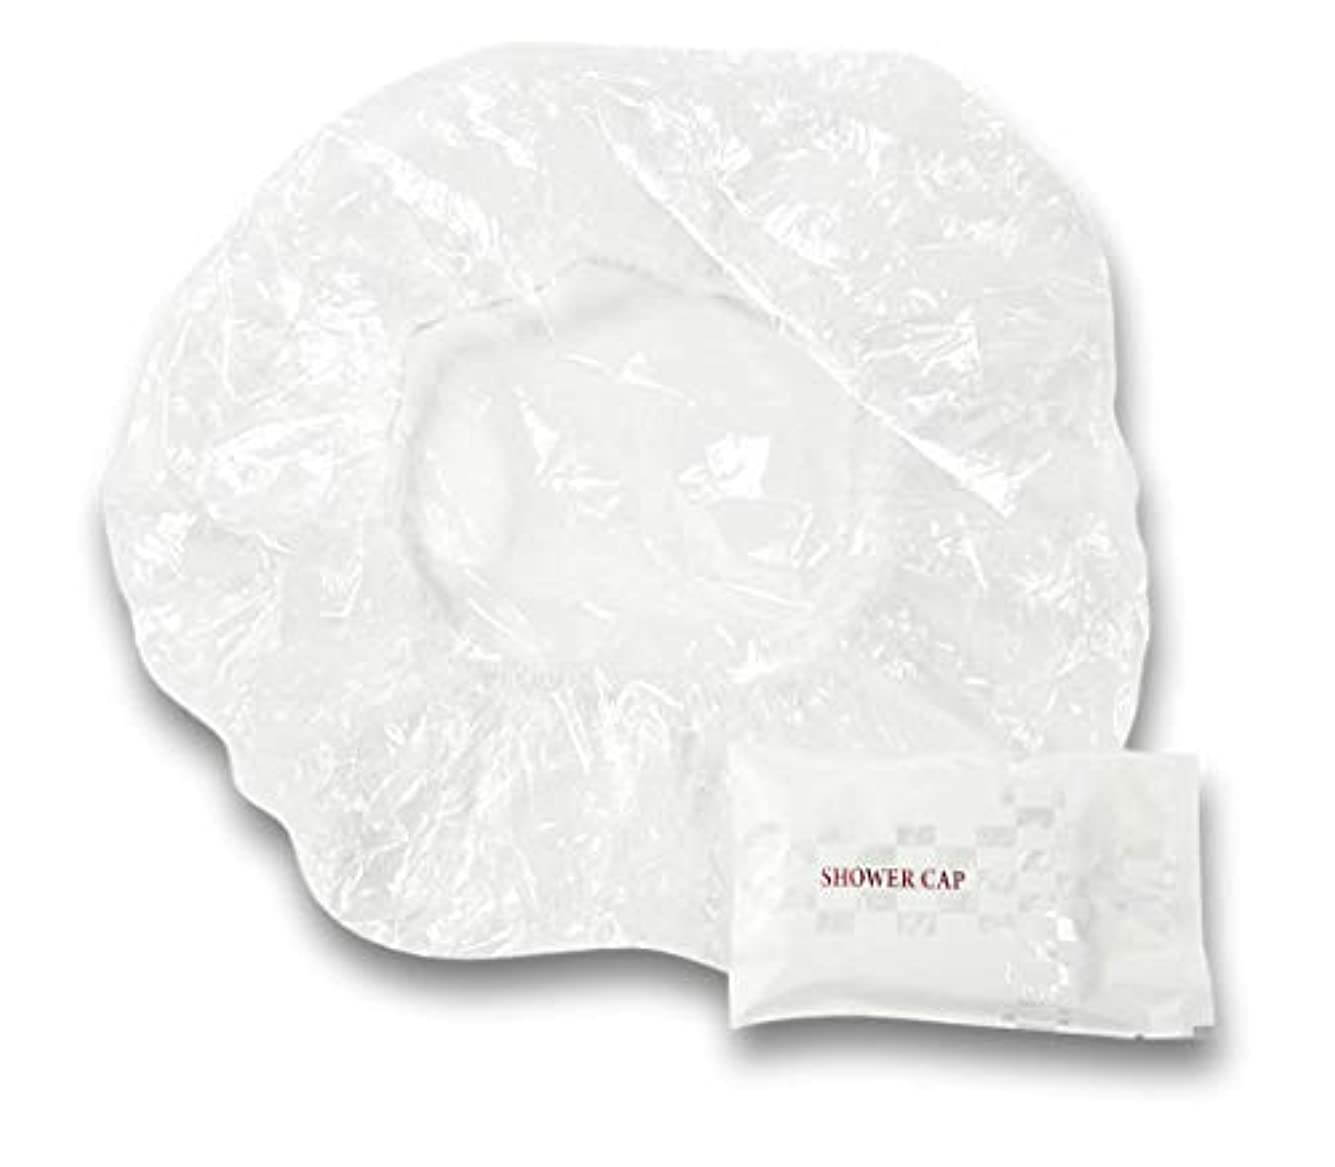 びん奨励しますこんにちはラティス シャワーキャップ 業務用 個別包装100入り 使い捨てキャップ